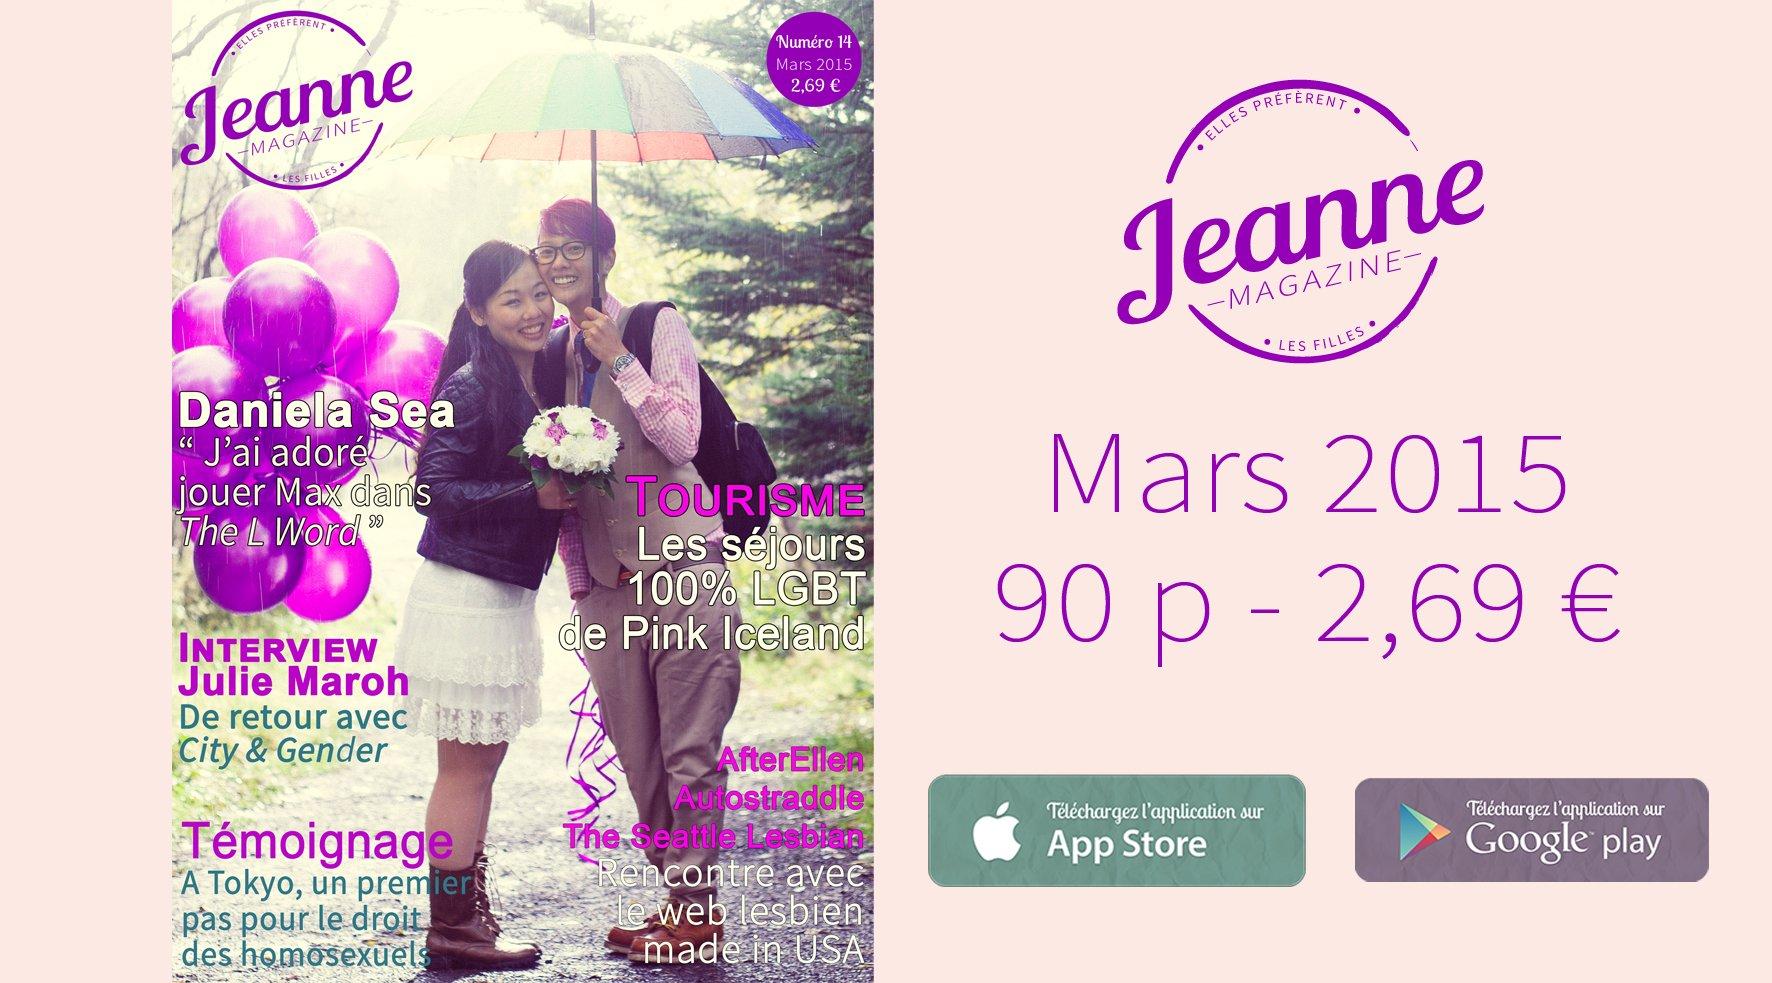 Sortie de Jeanne Magazine n°14 – mars 2015